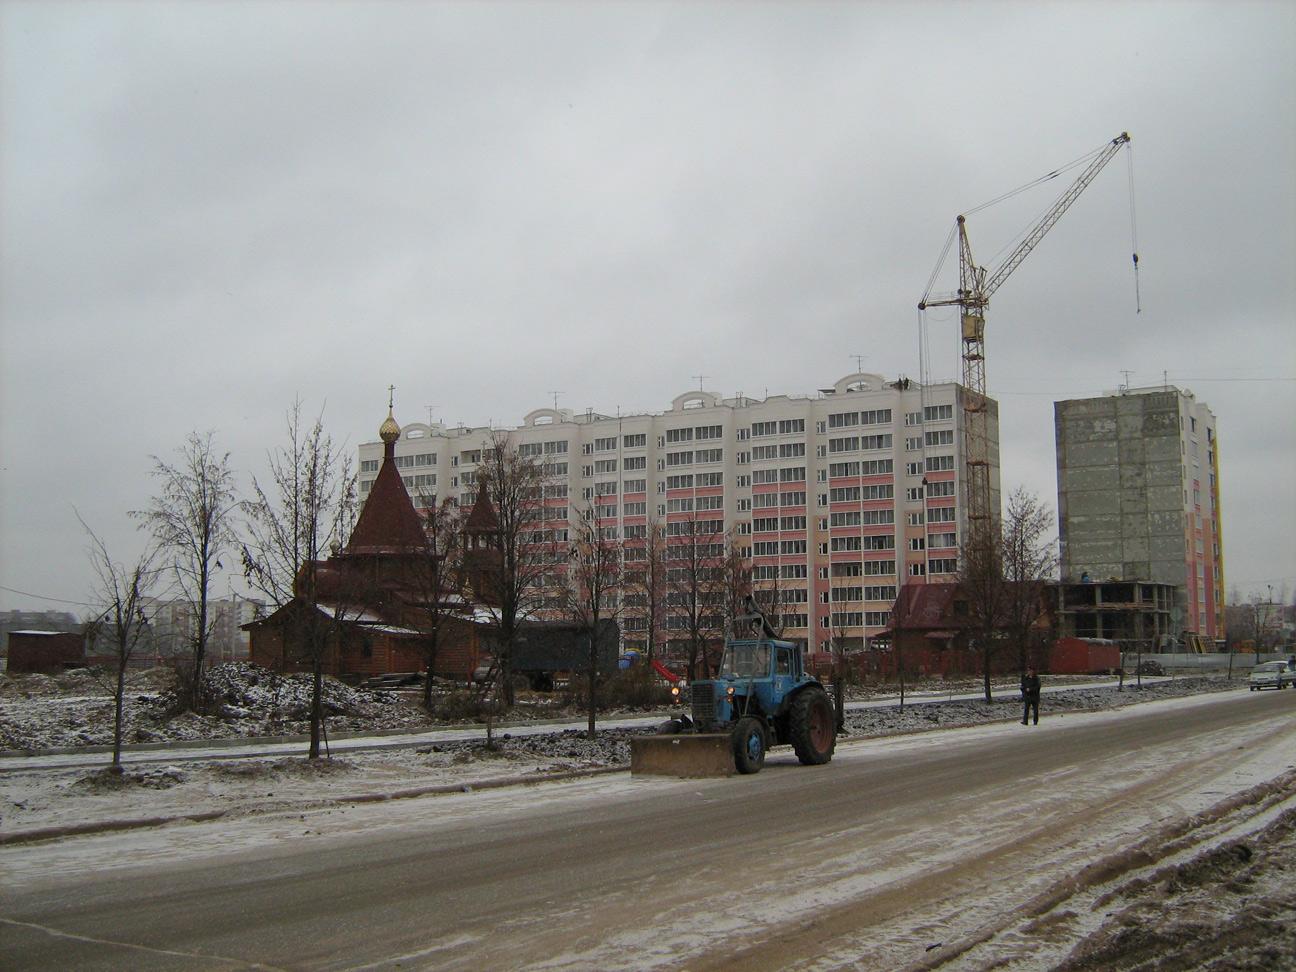 ТВОЙнэт-Форум - Просмотреть изображение - микрорайон Московский.